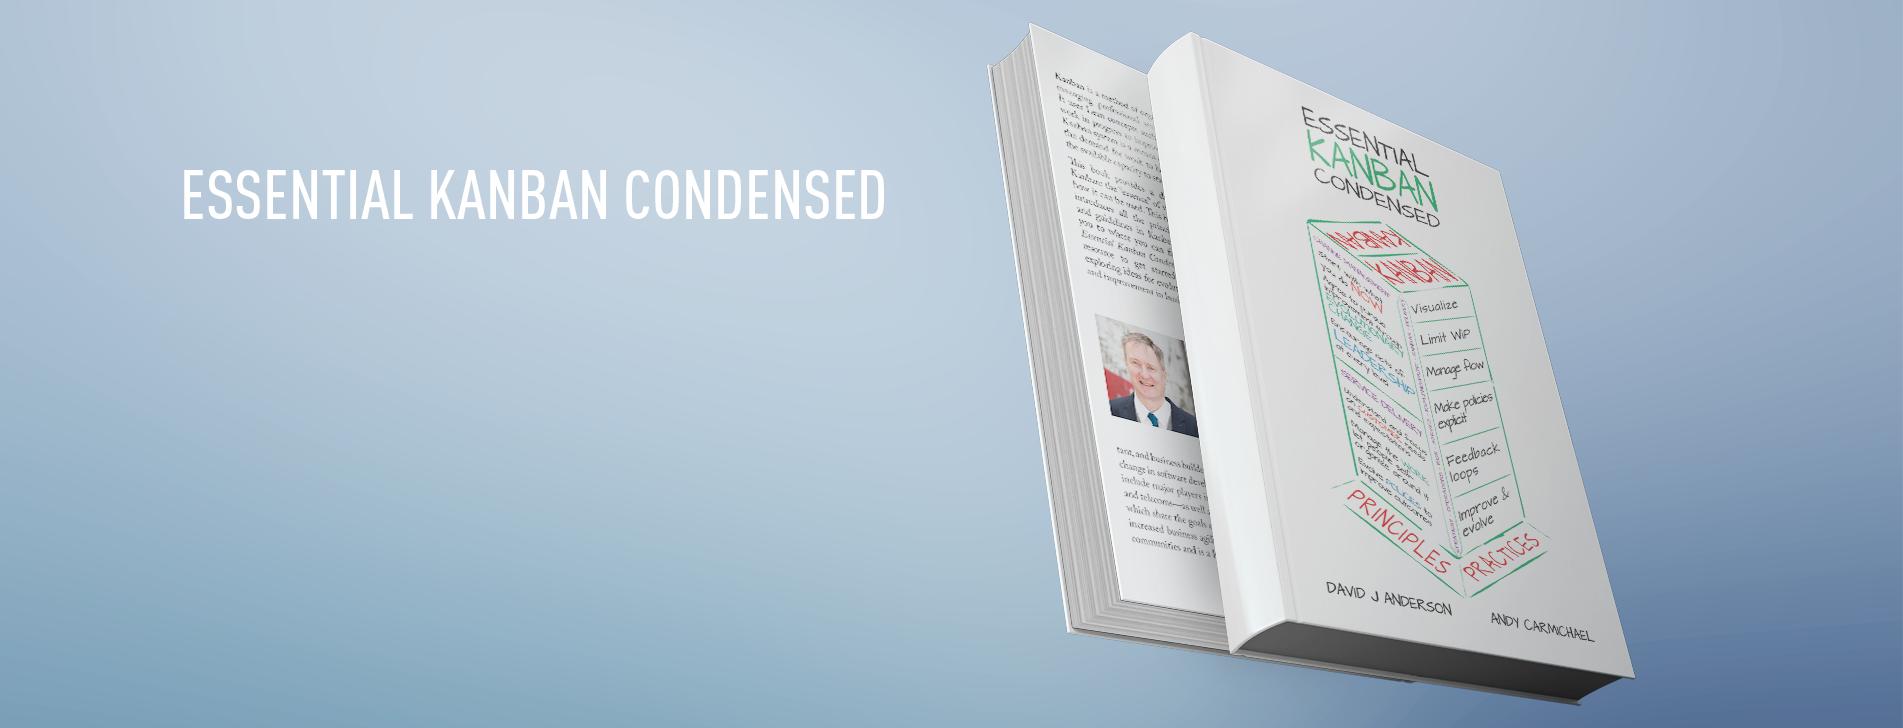 Written book translation Essential Kanban Condensed